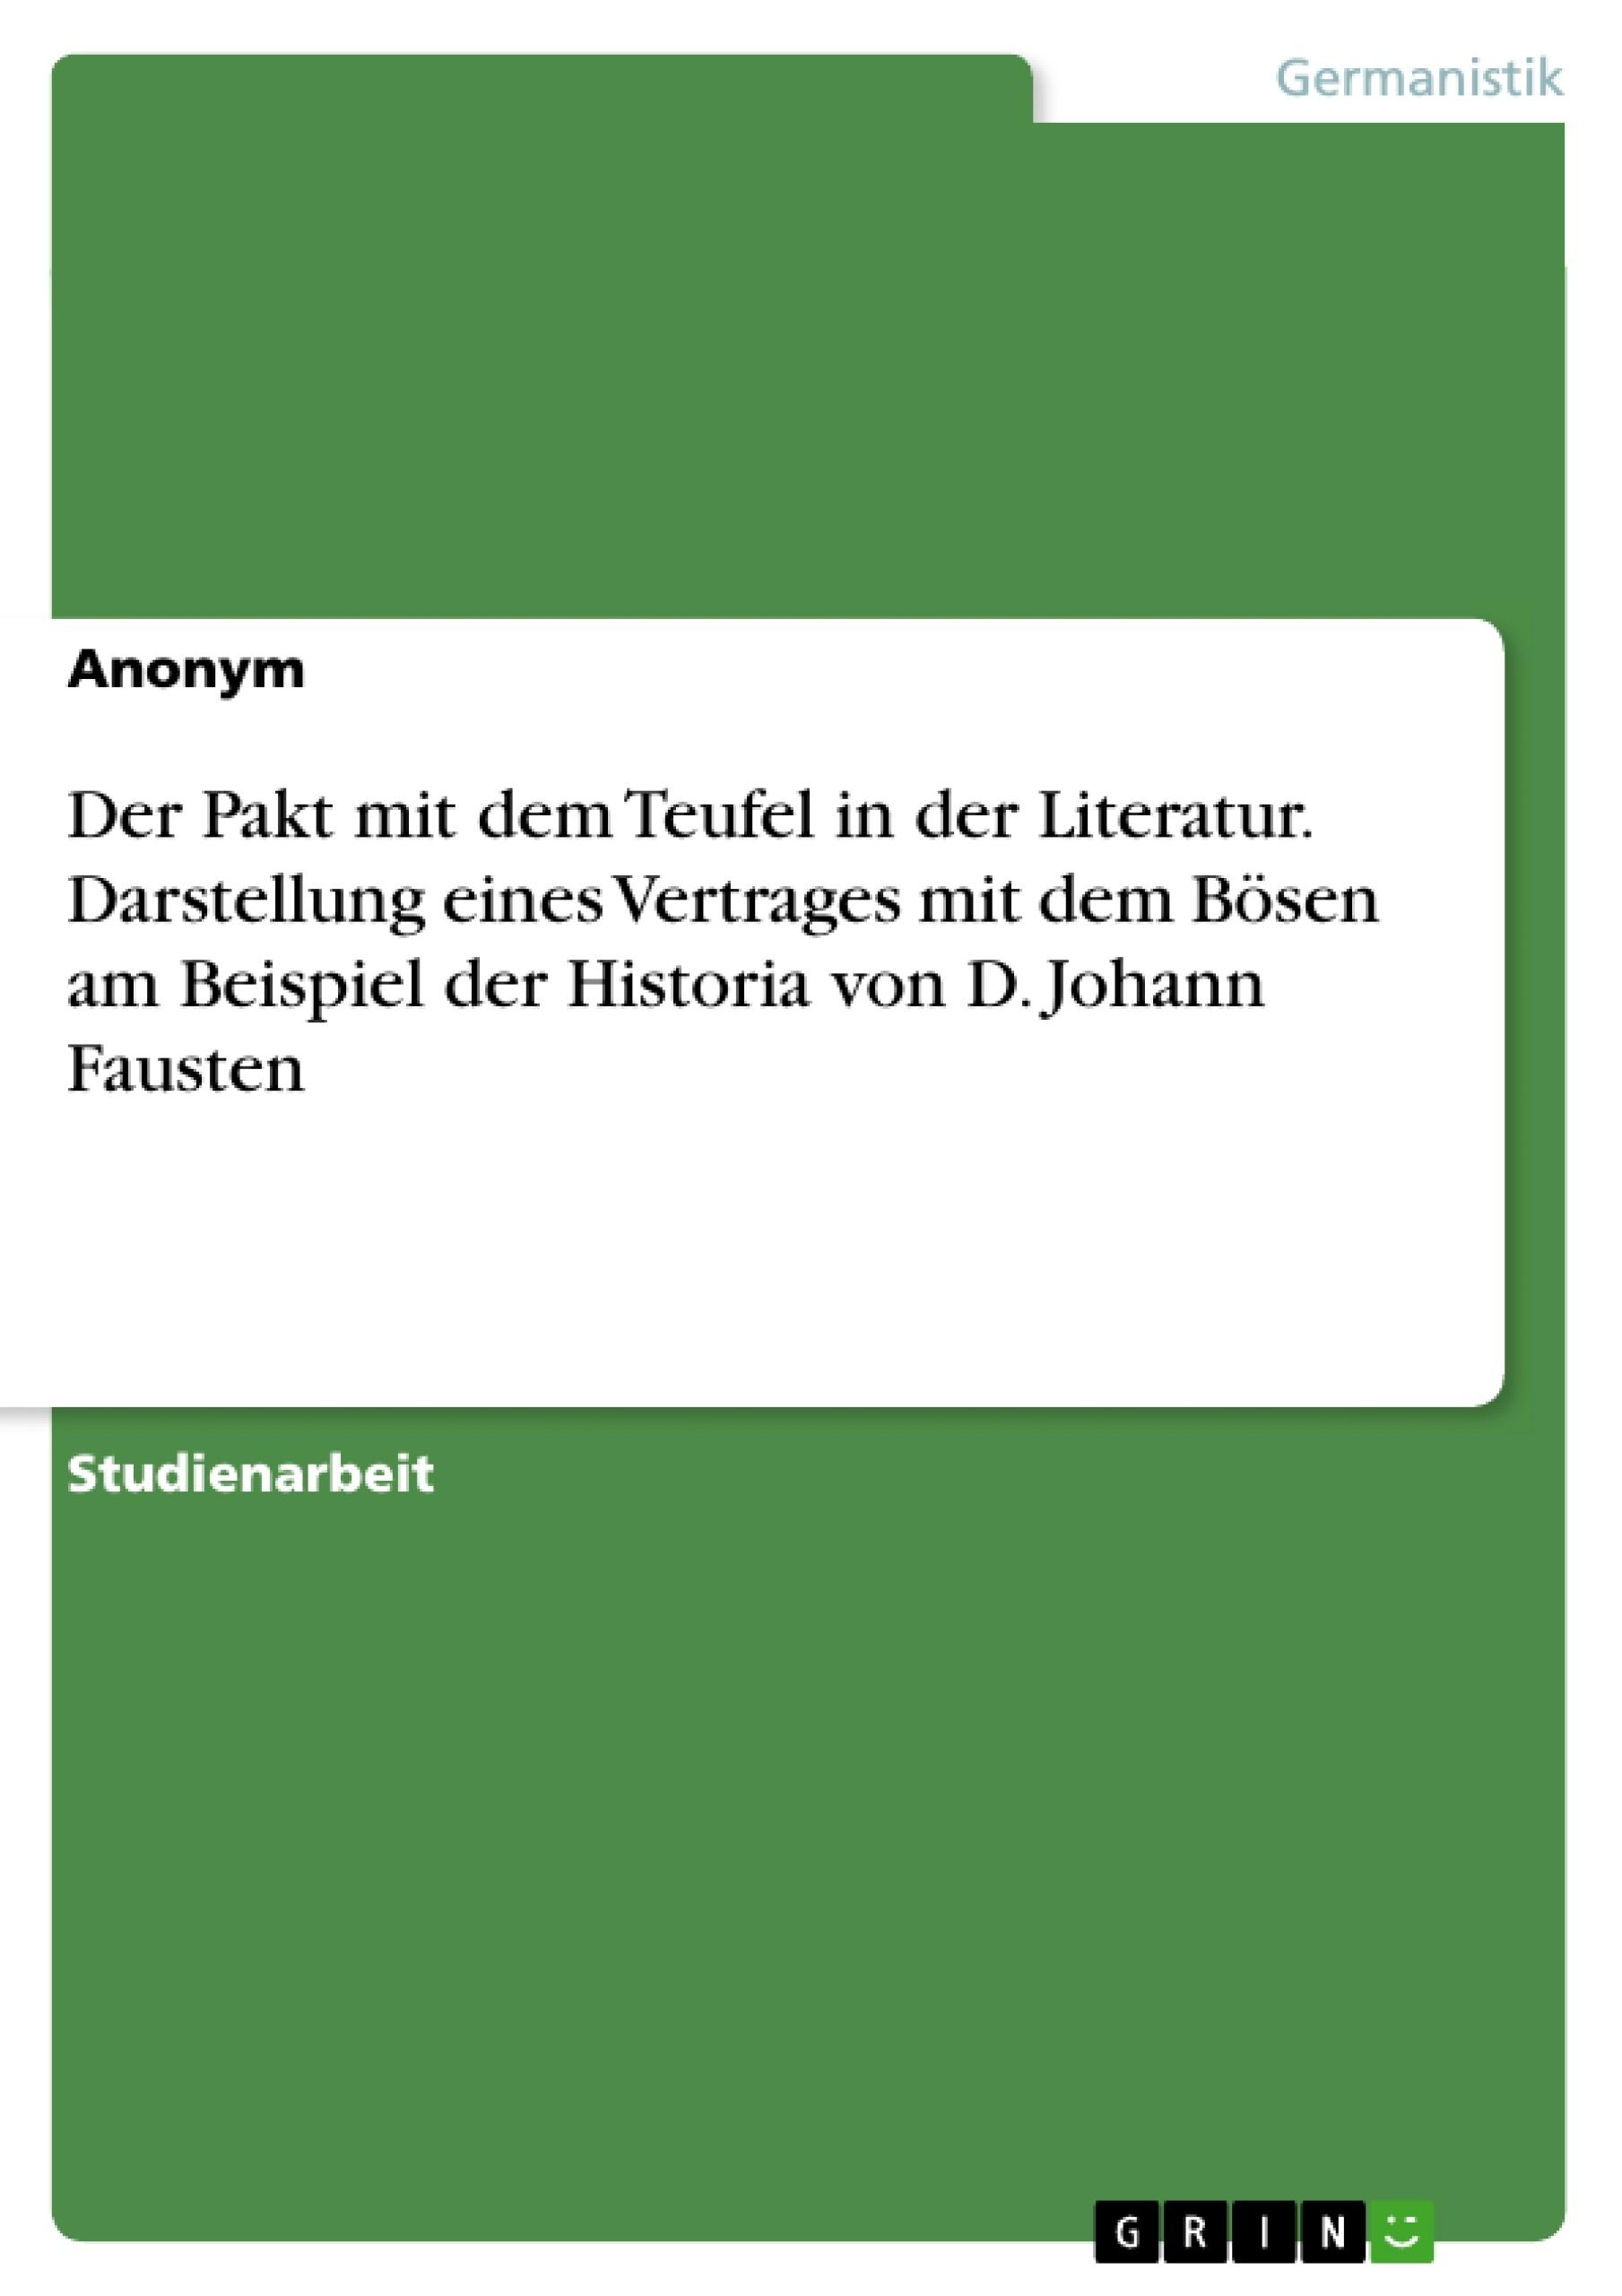 Titel: Der Pakt mit dem Teufel in der Literatur. Darstellung eines Vertrages mit dem Bösen am Beispiel der Historia von D. Johann Fausten